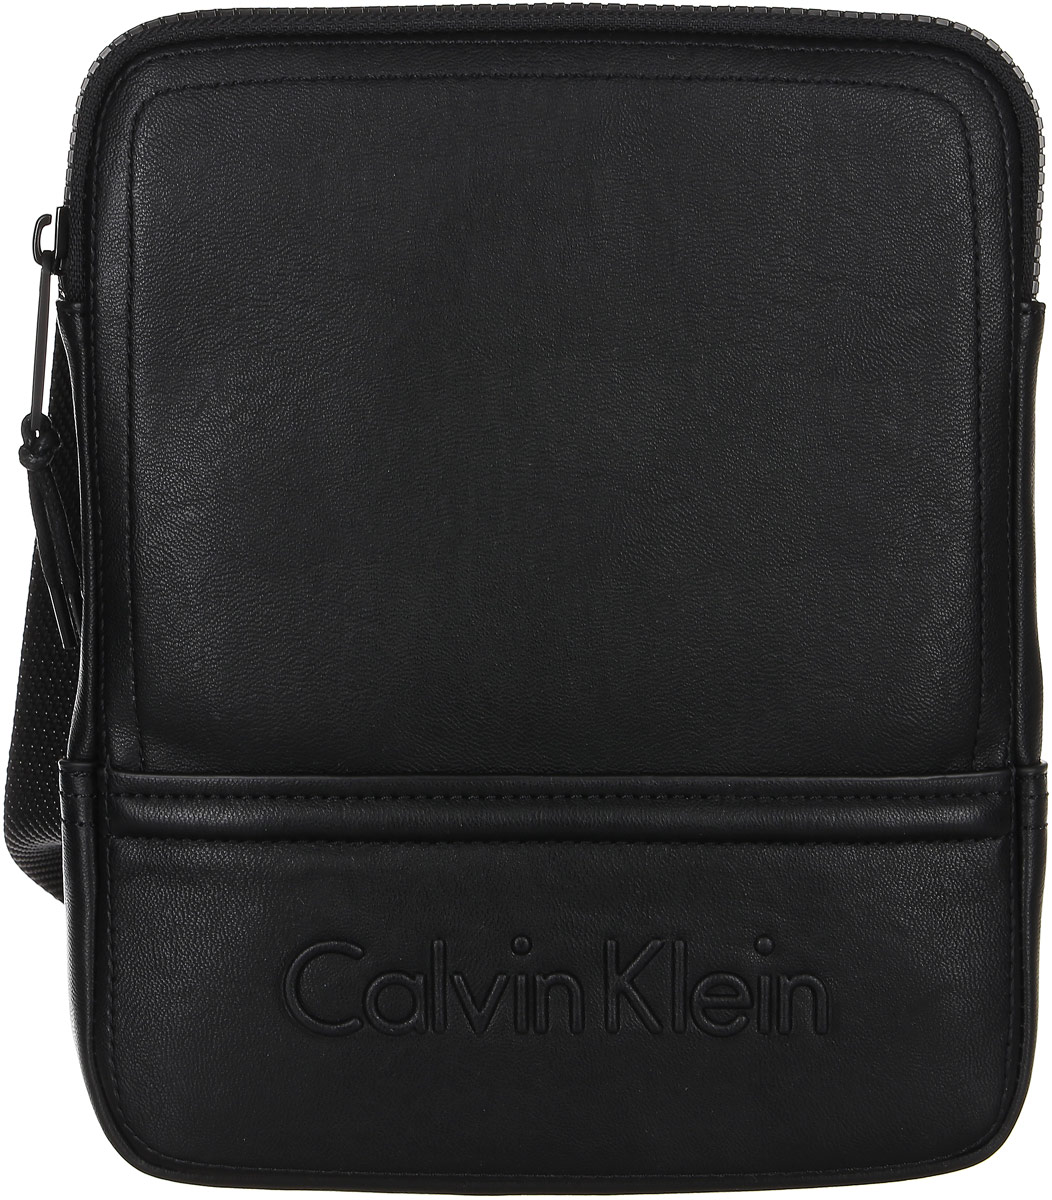 Сумка мужская Calvin Klein Jeans, цвет: черный. K50K502153_0010967-637T-17s-01-42Стильная мужская сумка Calvin Klein не оставит вас равнодушным благодаря своему дизайну. Она изготовлена из качественной искусственной кожи и оформлена тиснением с названием бренда. Сумка оснащена удобным широким плечевым ремнем, длину которого можно регулировать с помощью пряжки. Изделие закрывается на удобную молнию. На тыльной стороне расположен накладной открытый карман для мелочей. Внутри расположено главное отделение, которое содержит удобный накладной карман. Такая модная и практичная сумка станет незаменимым аксессуаром в вашем гардеробе.